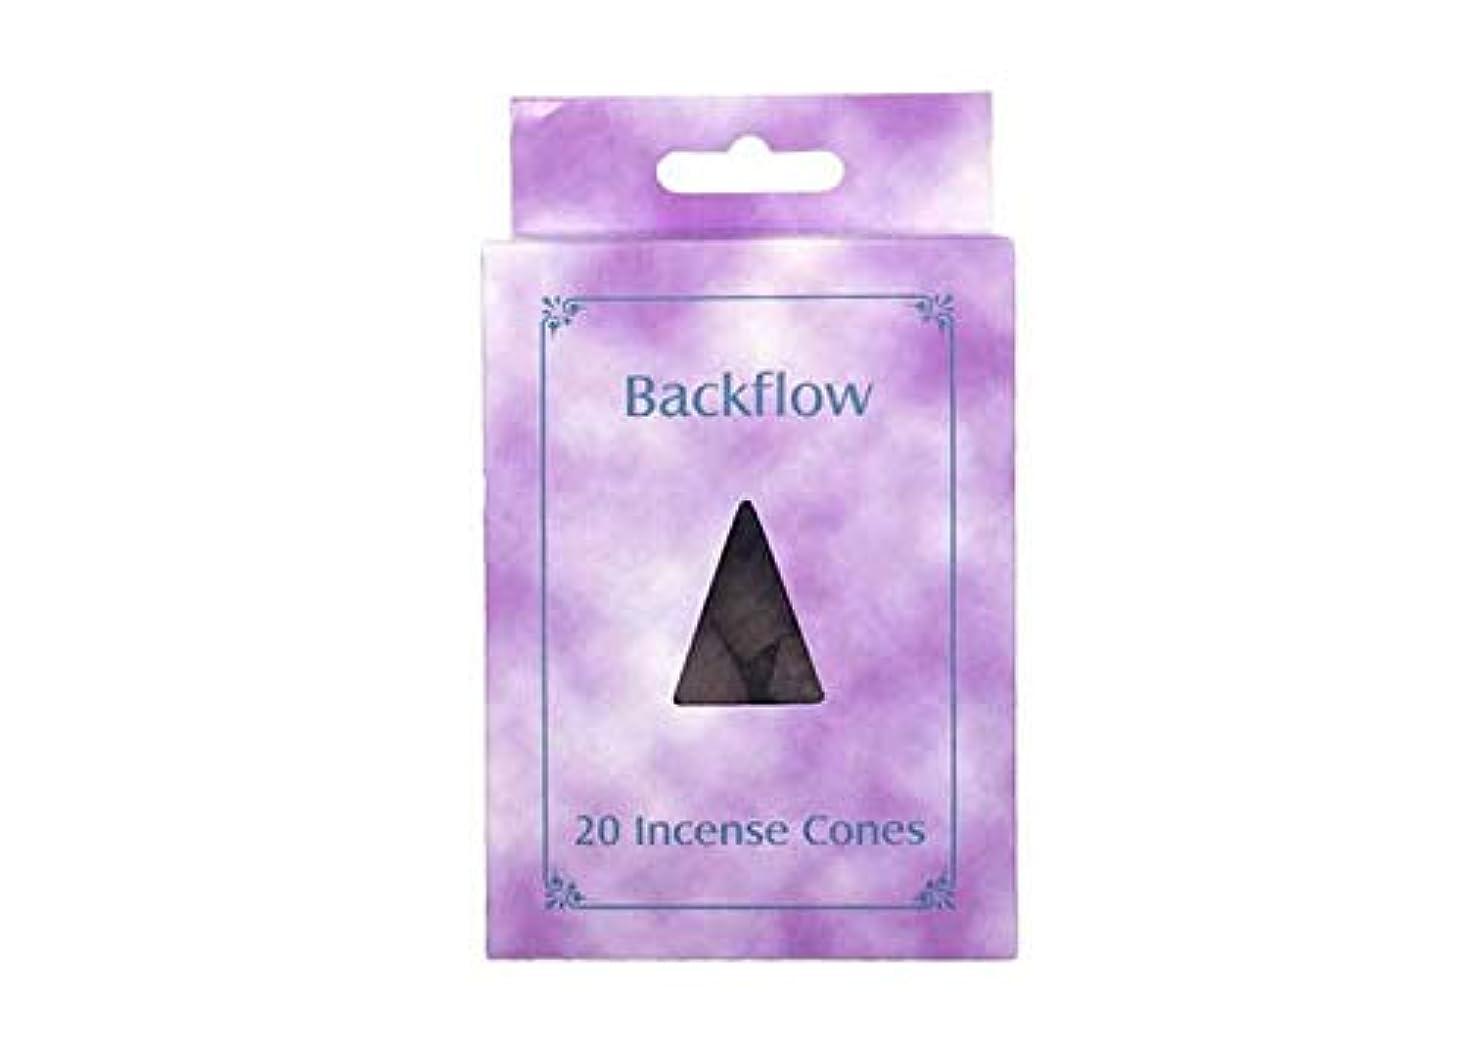 取り戻すパトロール初期お香 逆流コーン 逆流香 20p ローズ Backflow Incense Cones 20p Rose